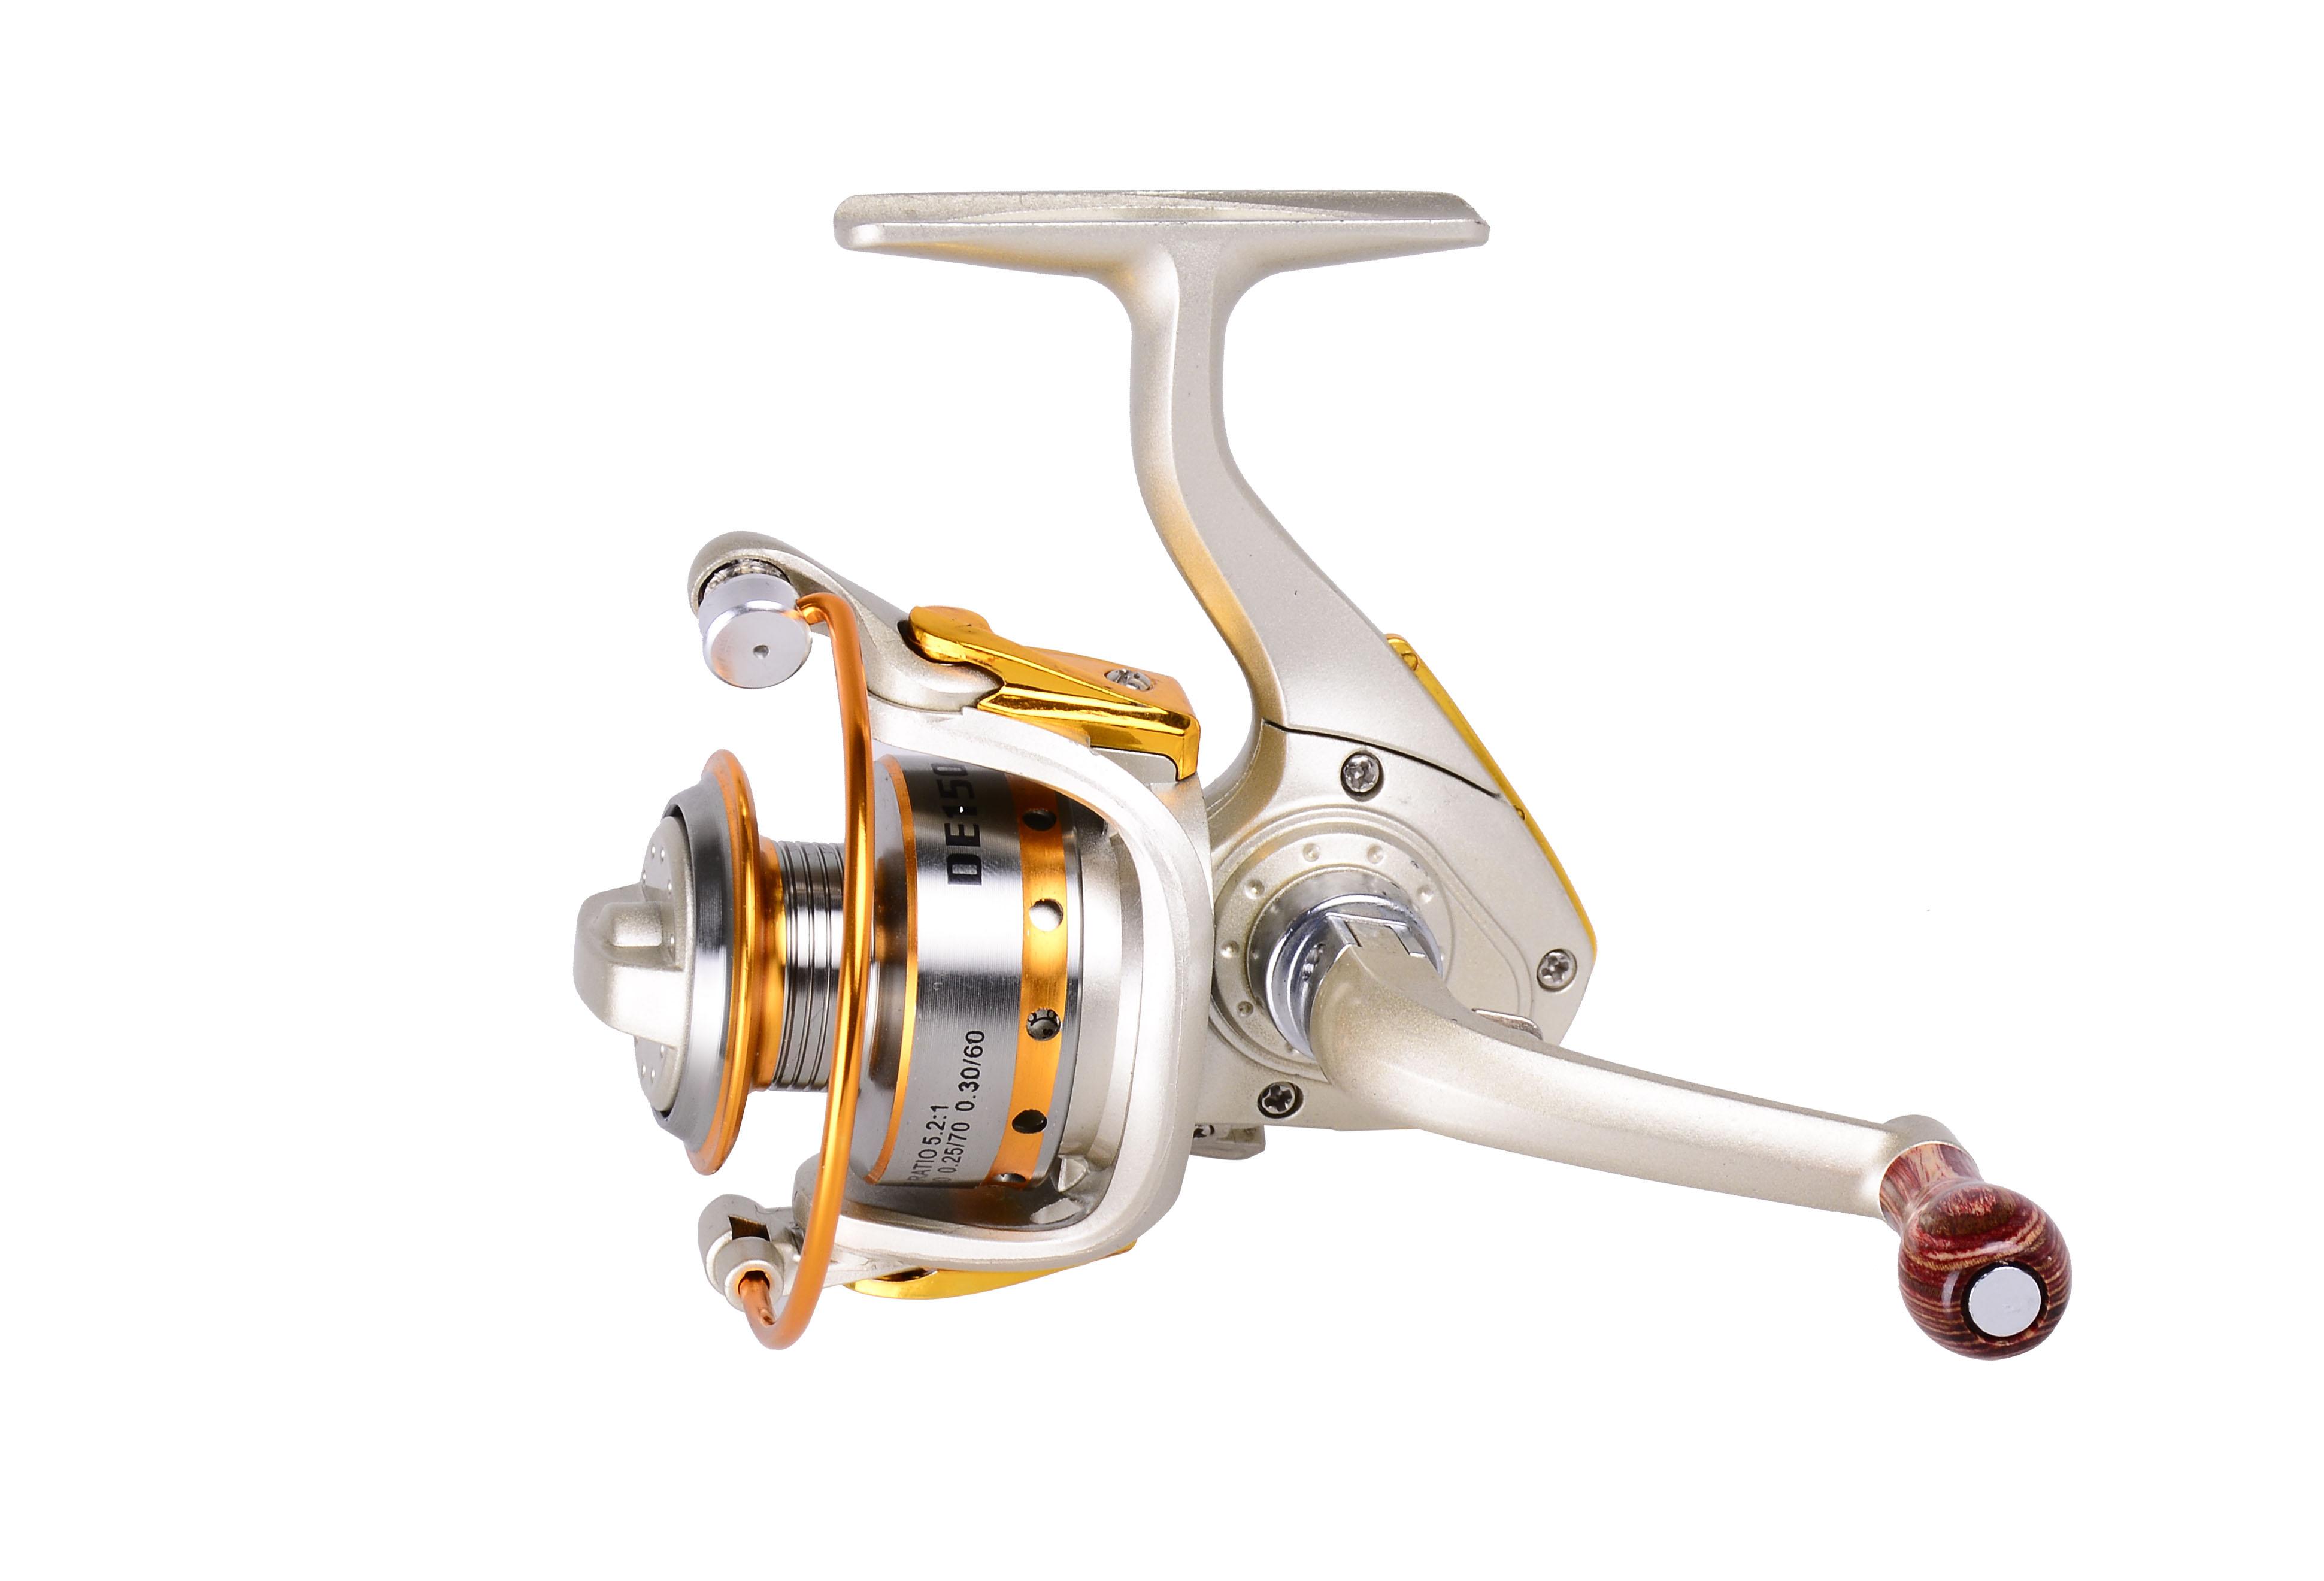 DE150 Spinning Fishing Reel